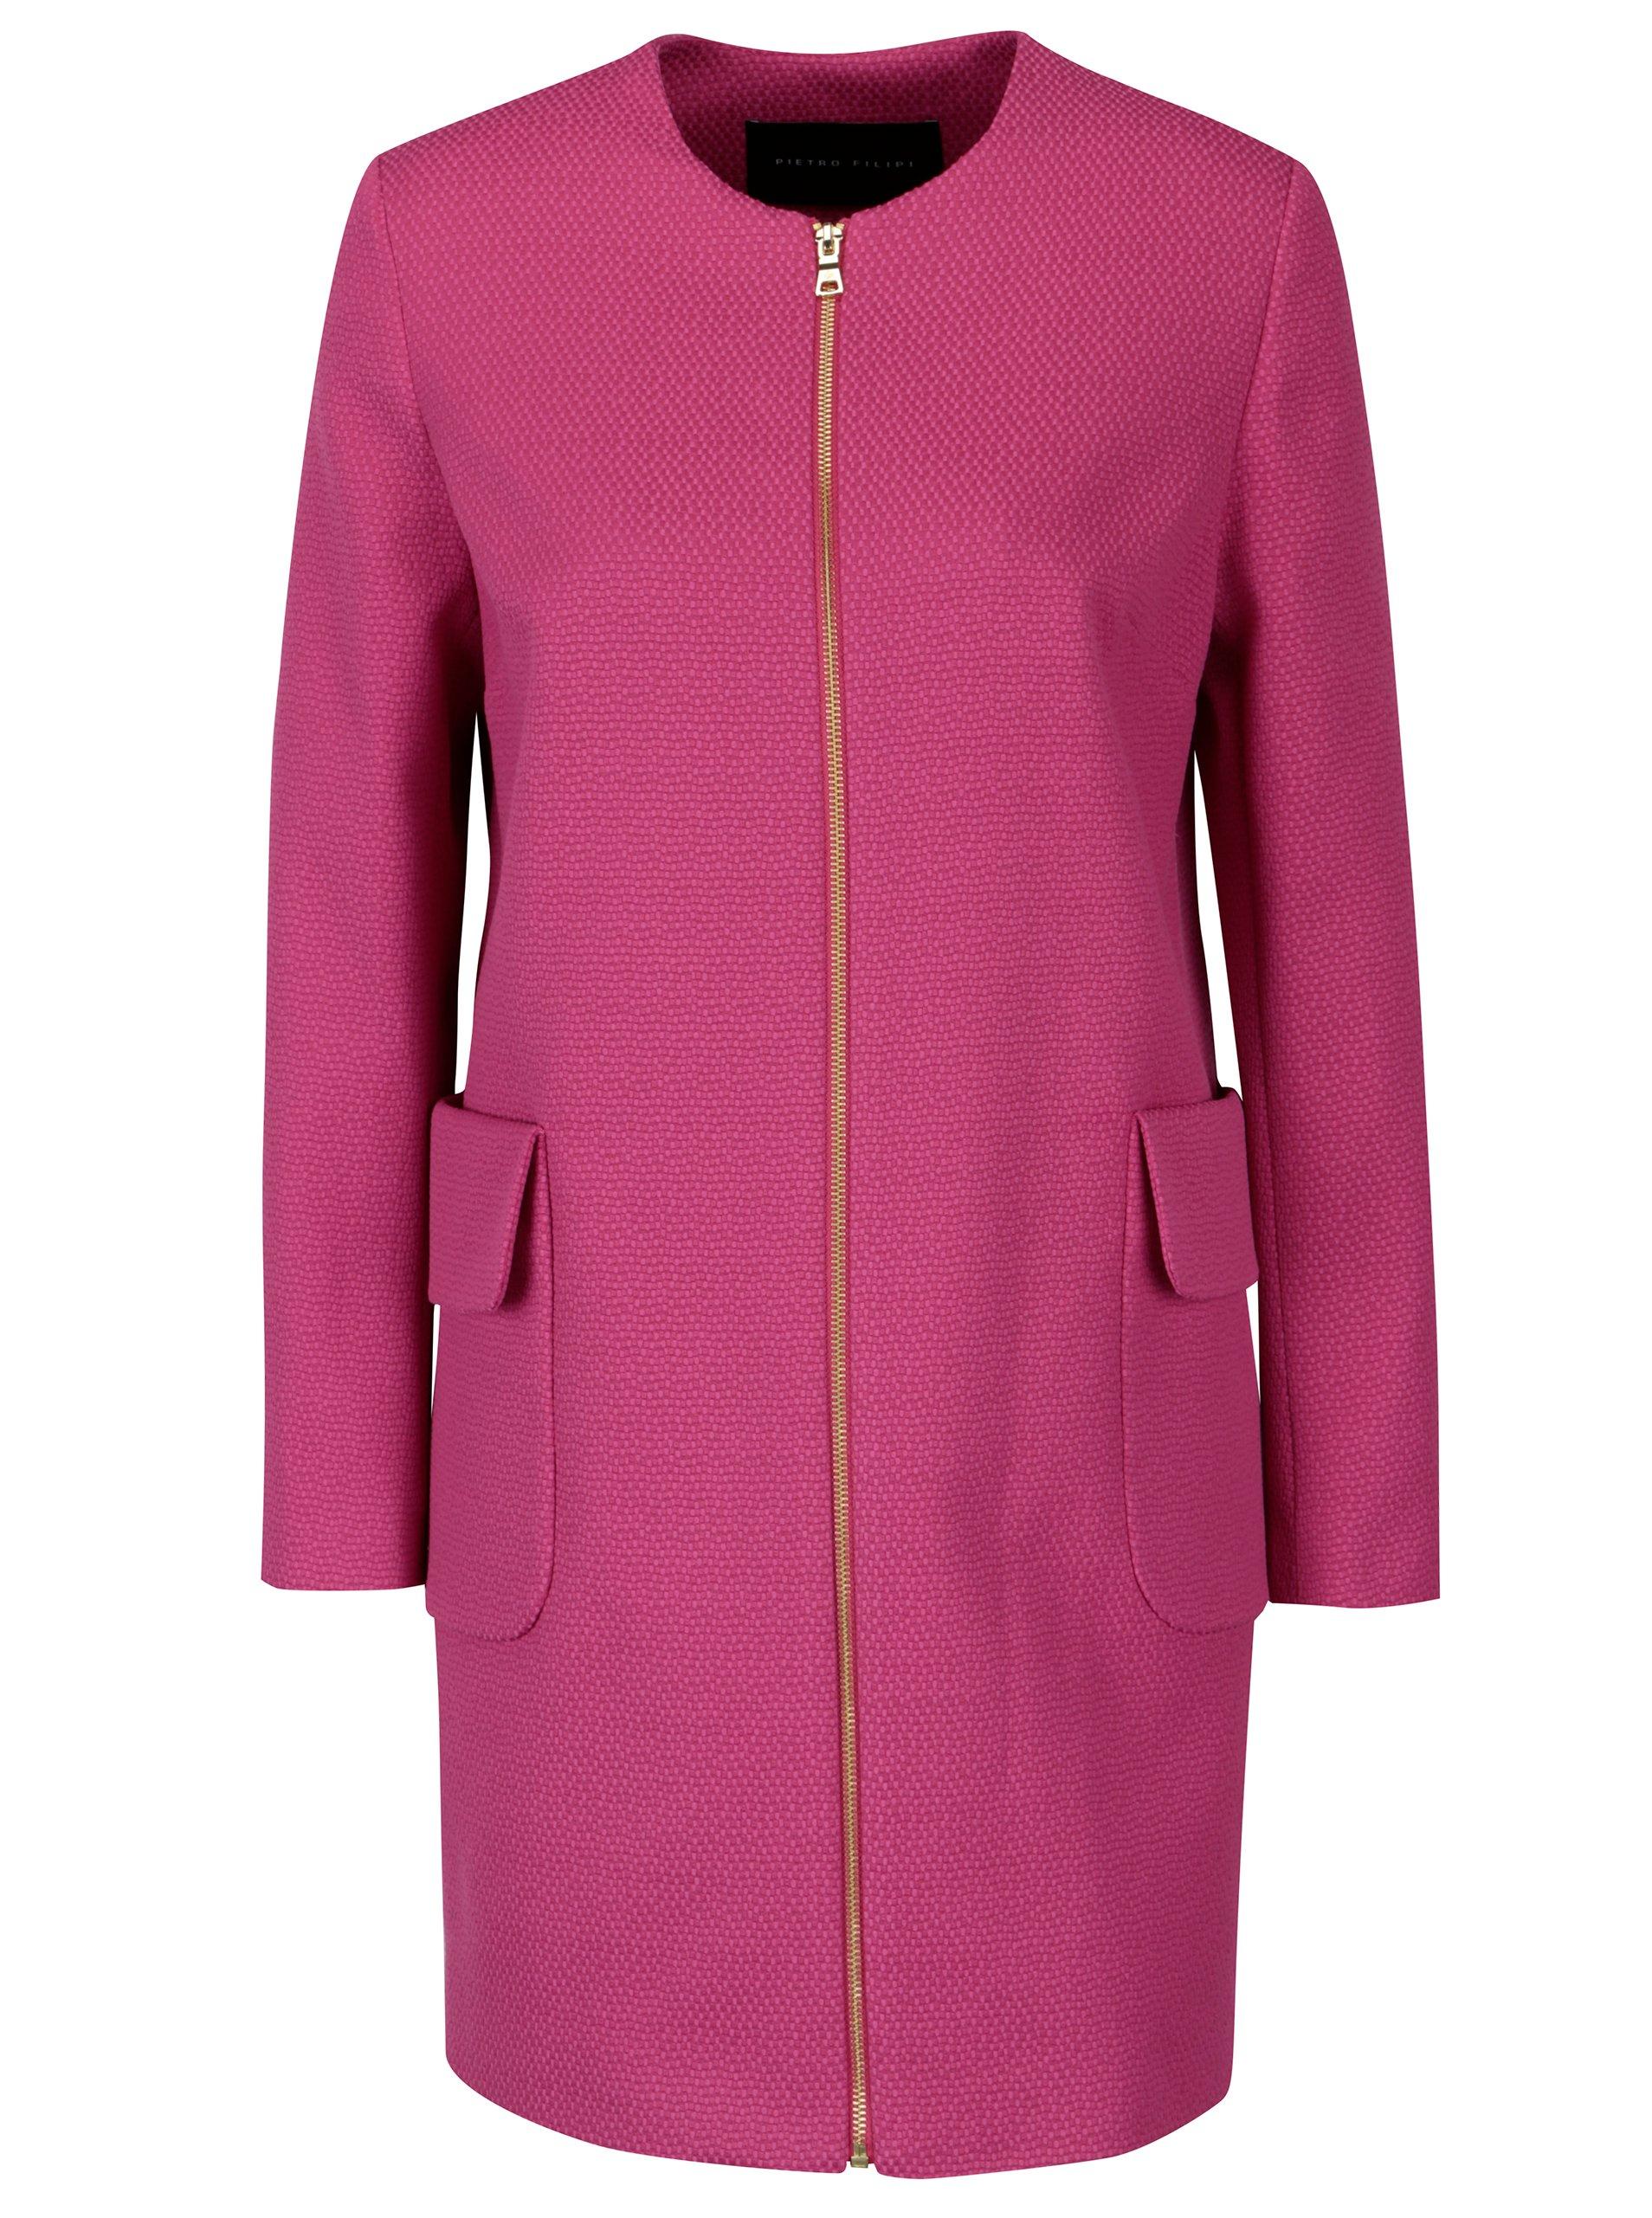 2519489099 Ružový dámsky kabát Pietro Filipi